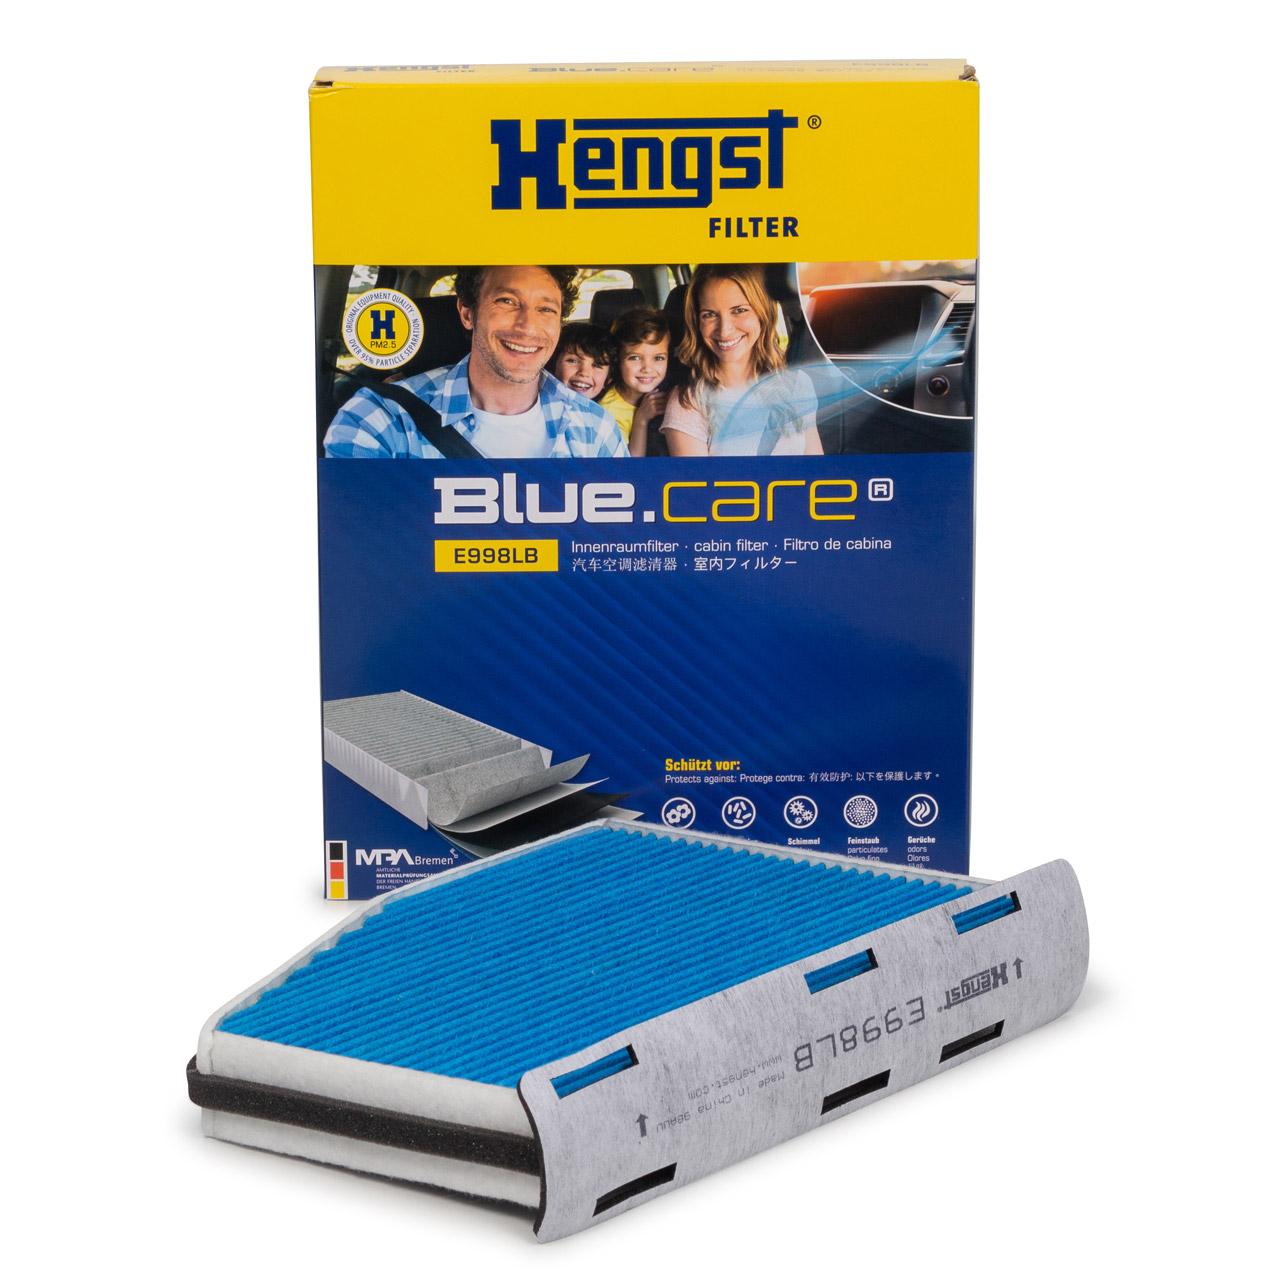 HENGST E998LB BLUE CARE Innenraumfilter ANTIBAKTERIELL für AUDI SEAT SKODA VW